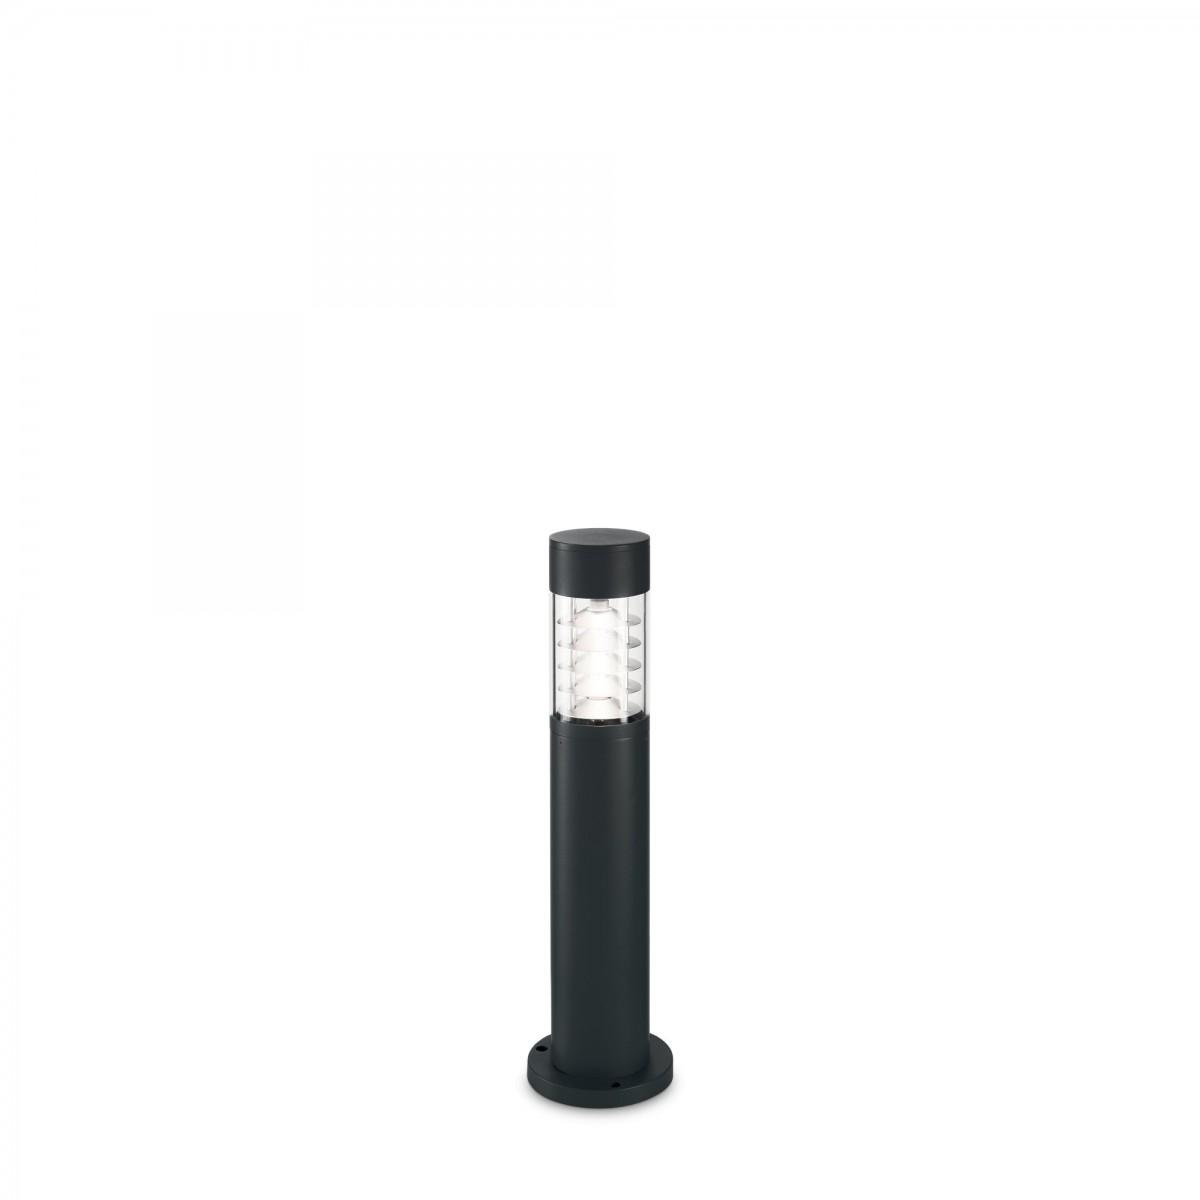 Ideal Lux 248240 venkovní sloupkové svítidlo Dema 1x60W | R7s | IP54 - černé